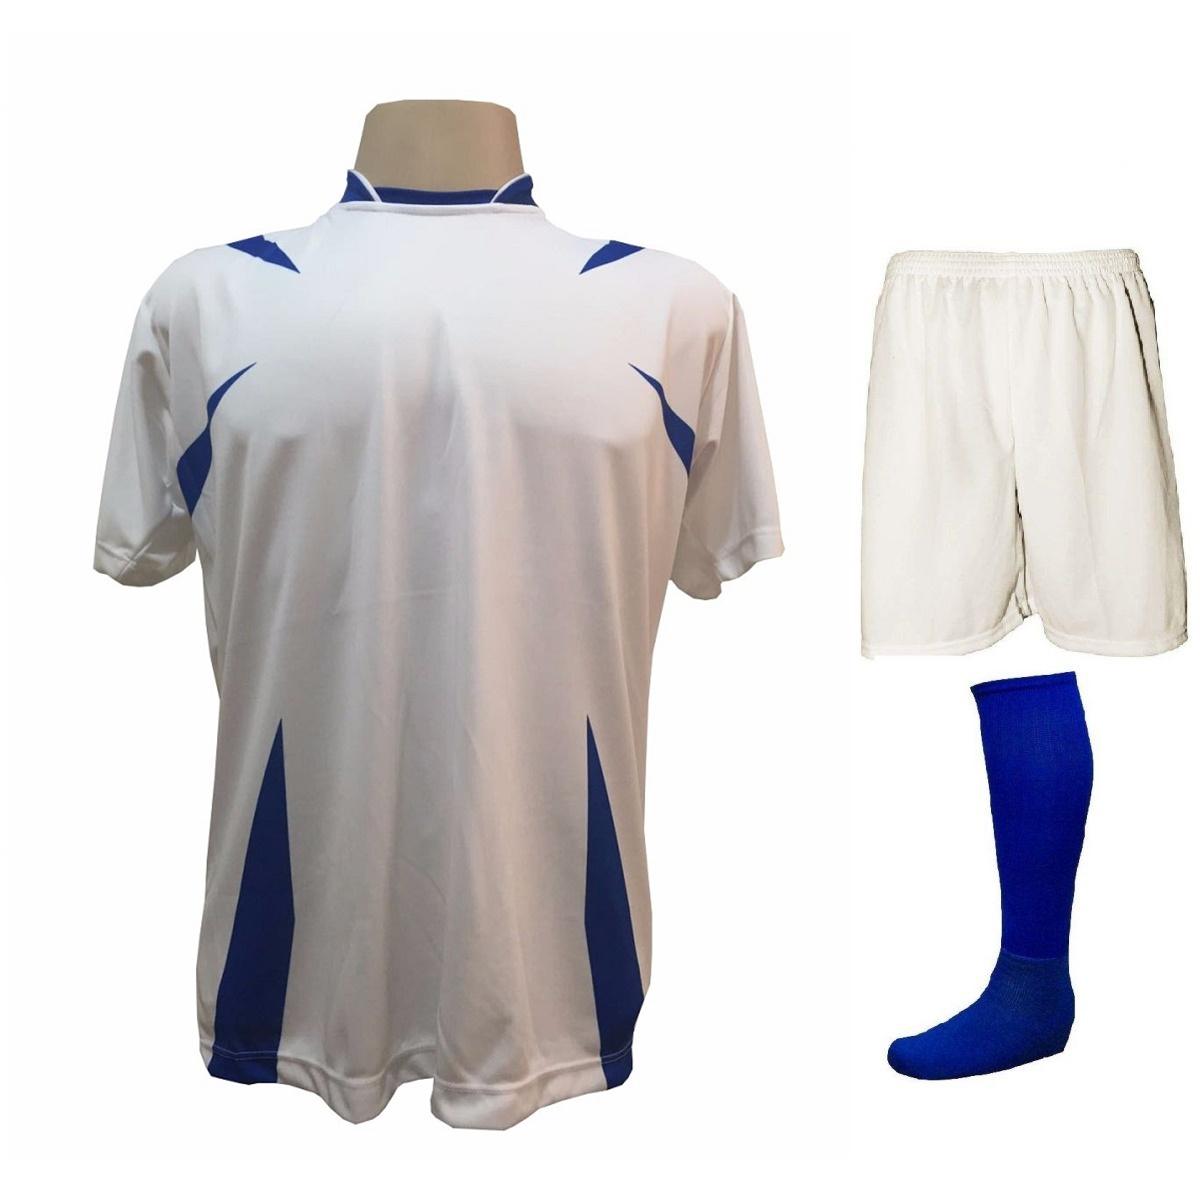 Uniforme Esportivo com 14 camisas modelo Palermo Branco/Royal + 14 calções modelo Madrid Branco + 14 pares de meiões Royal